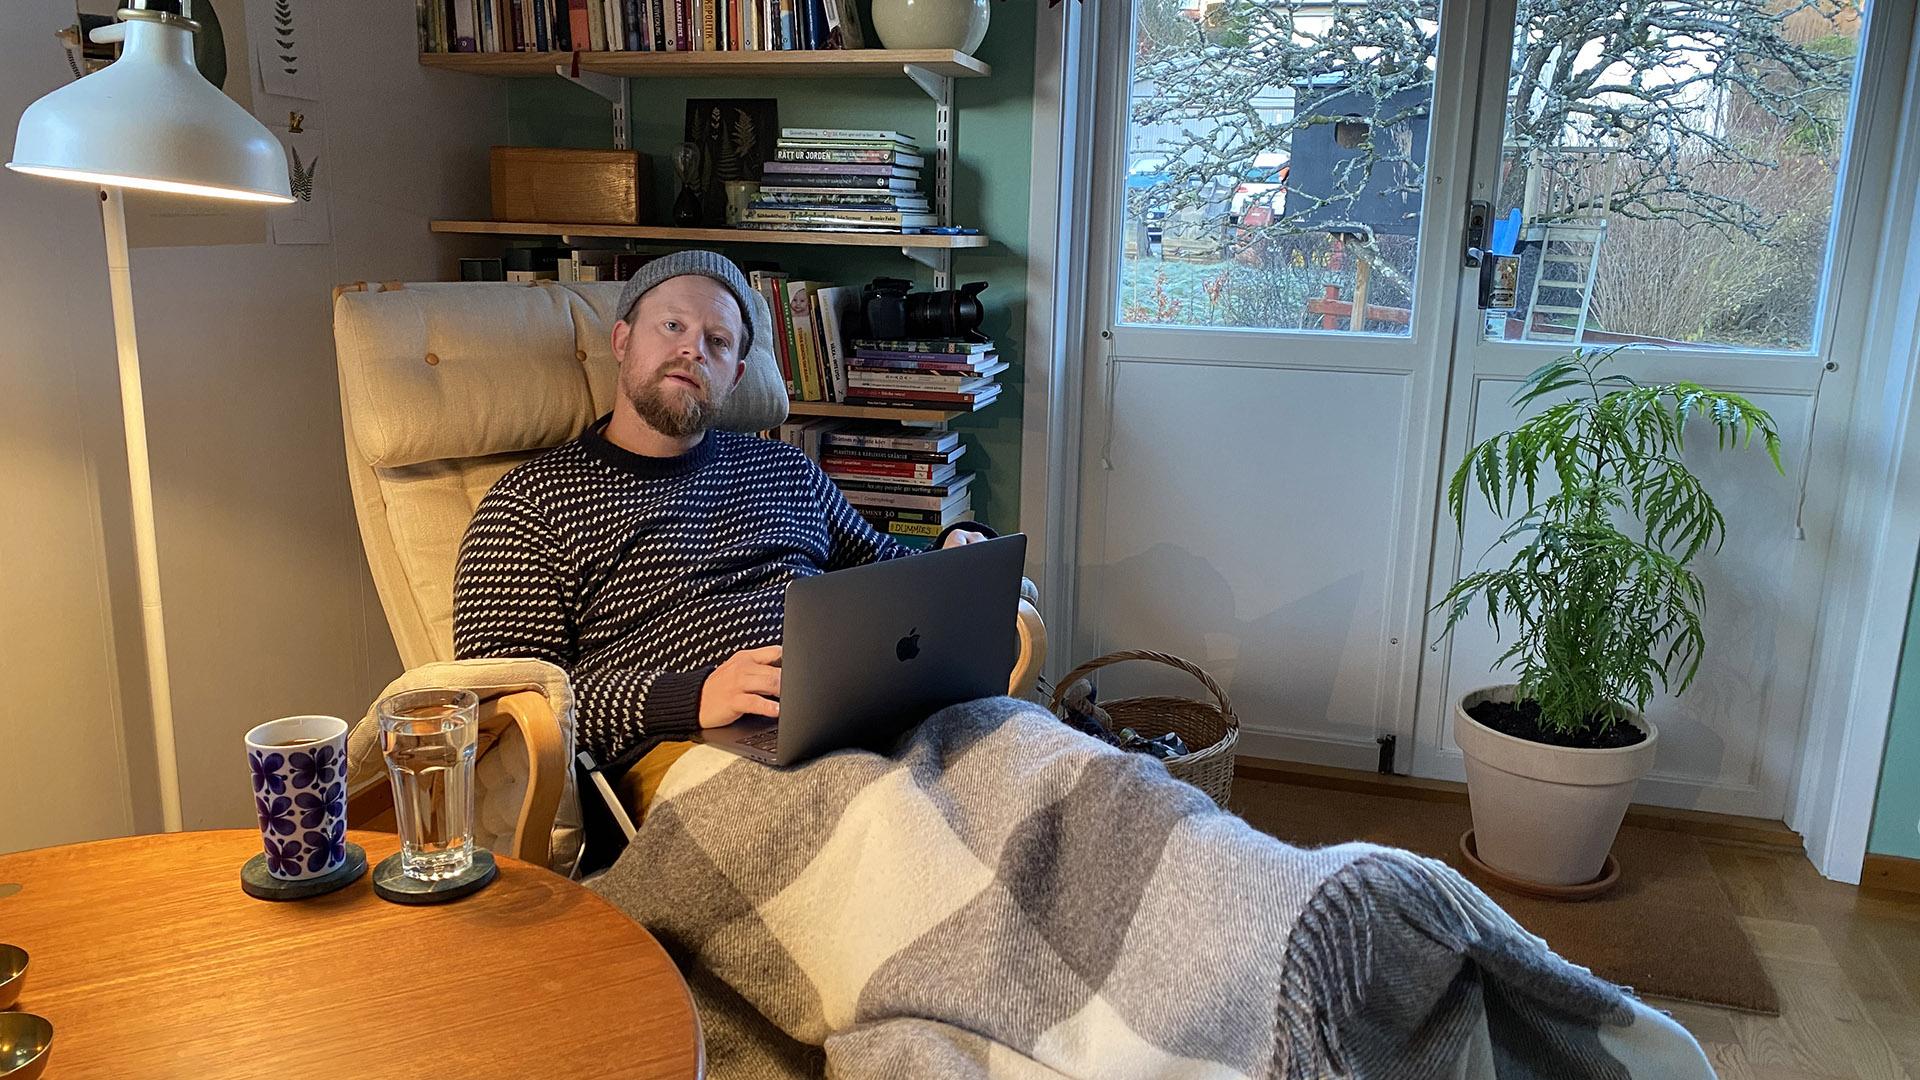 Johan konfererar i fåtölj